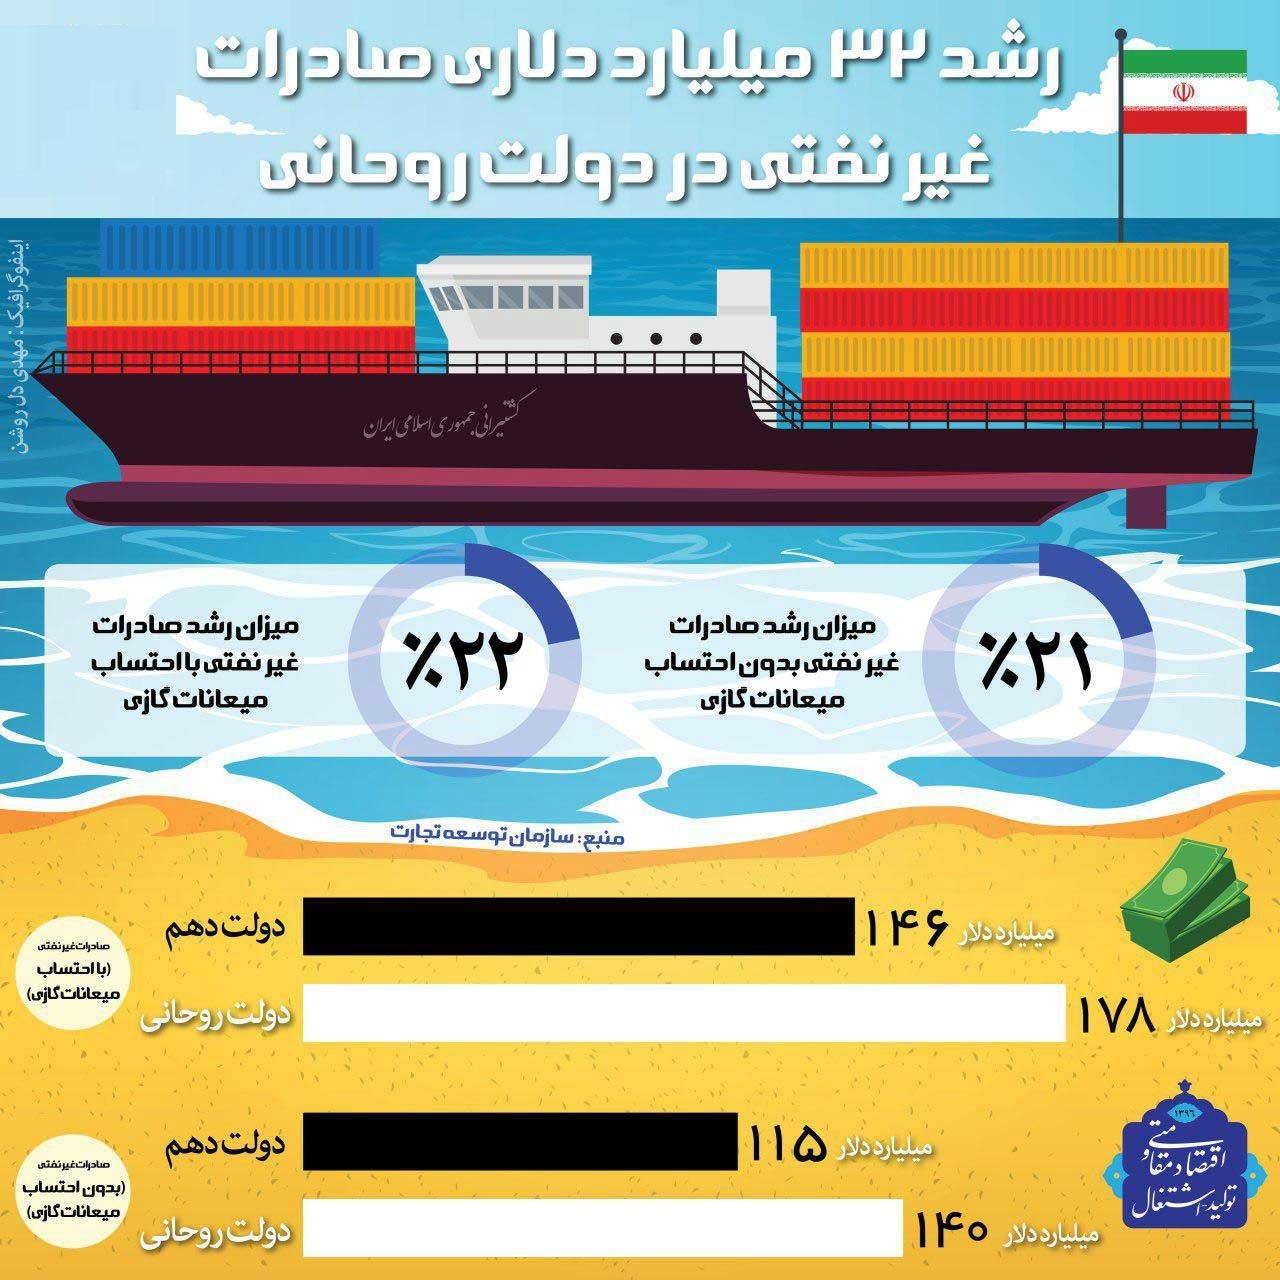 رشد ۳۲ میلیارد دلاری صادرات غیرنفتی در دولت روحانی